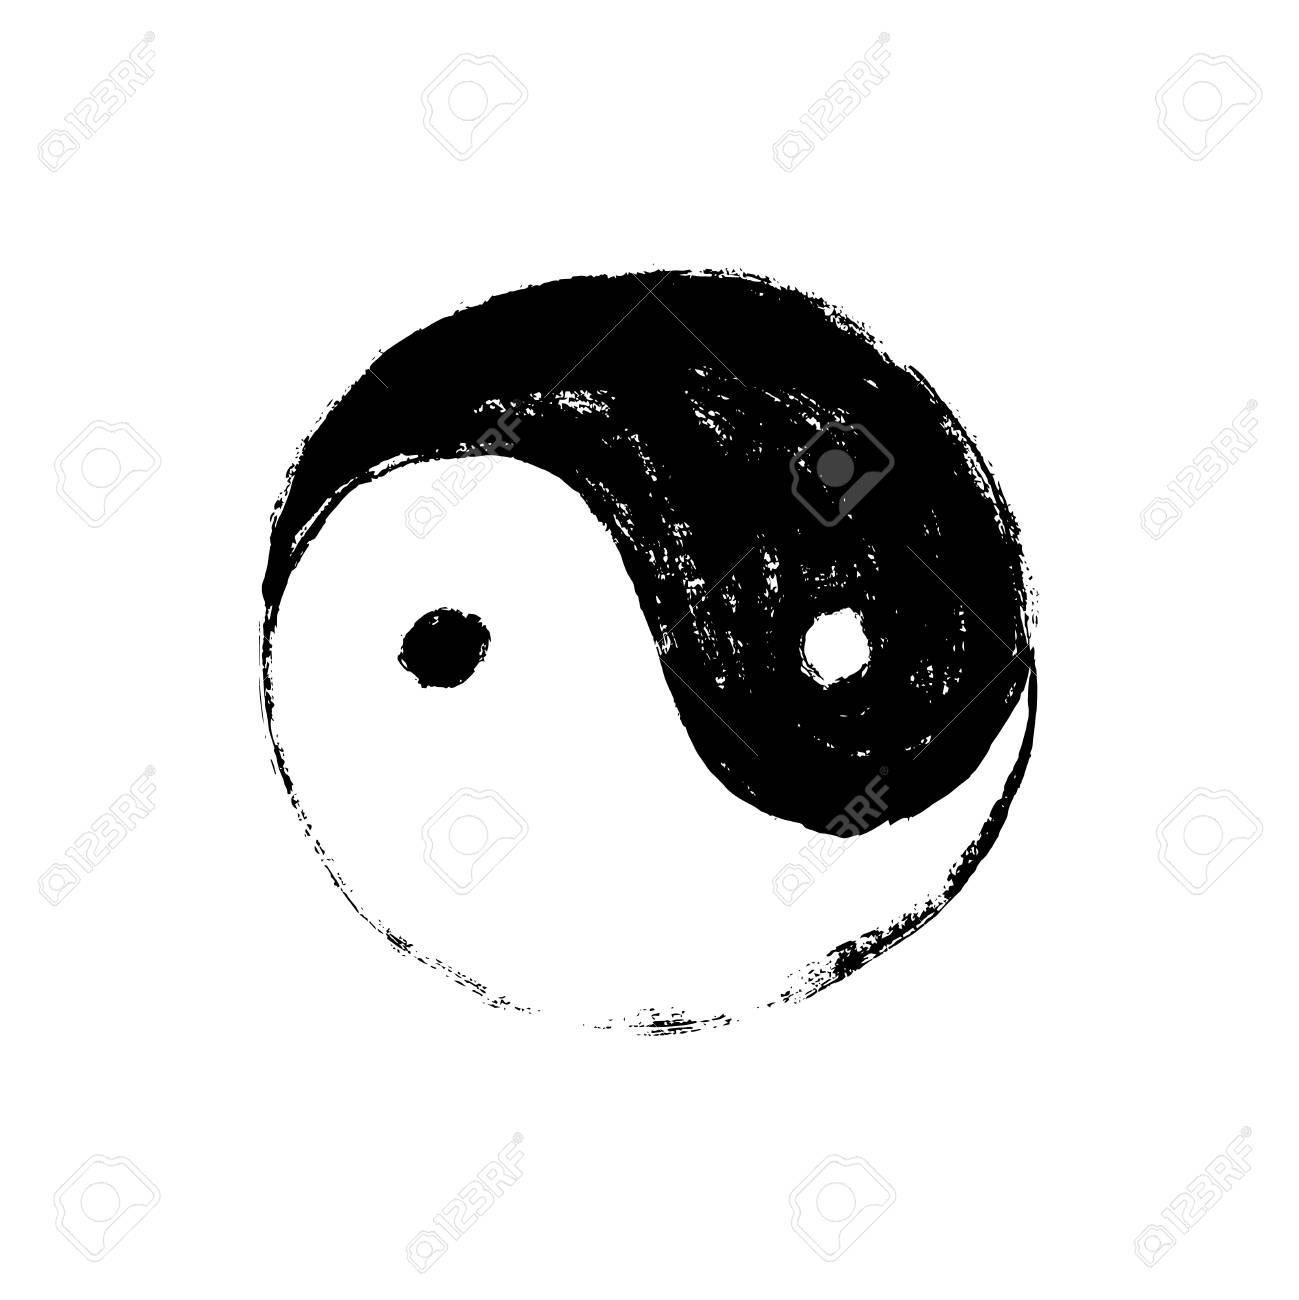 Yin Yang symbol, horizontal. Handmade vector ink painting. - 88075107